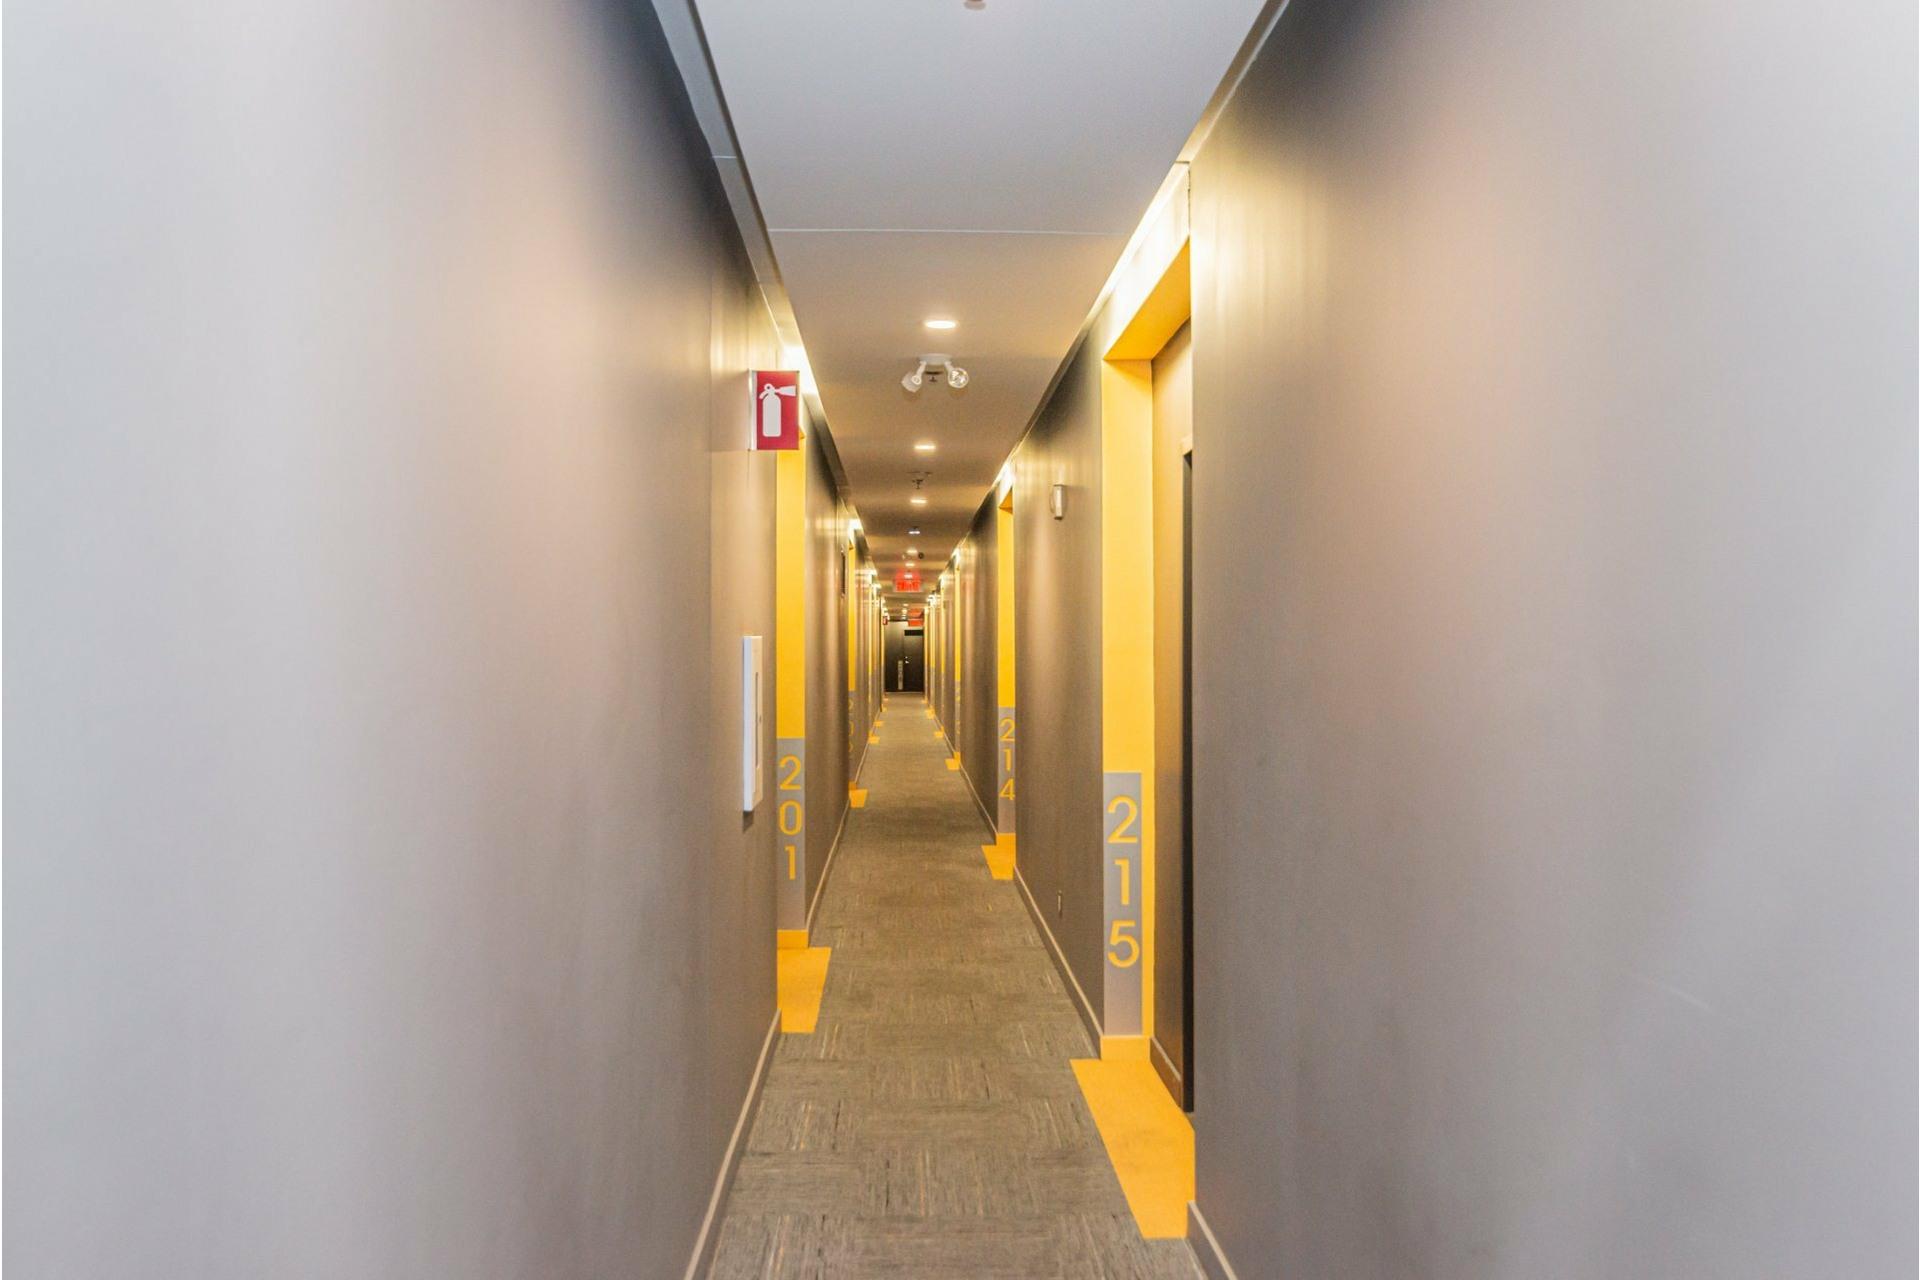 image 26 - Apartment For sale Lachine Montréal  - 4 rooms